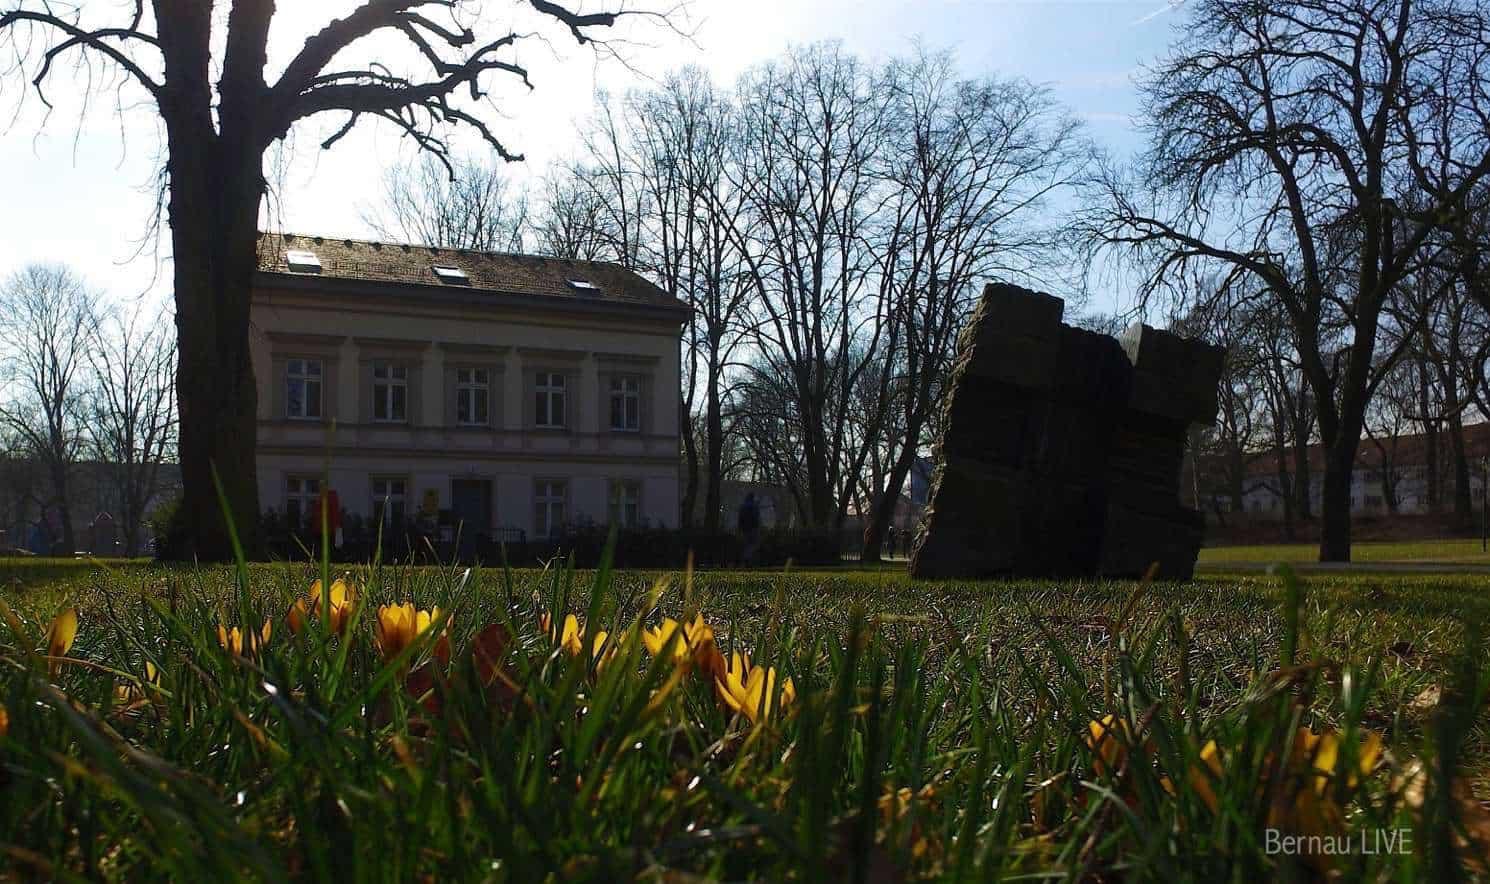 Das Kulturamt Bernau zieht um - geänderte Öffnungszeiten